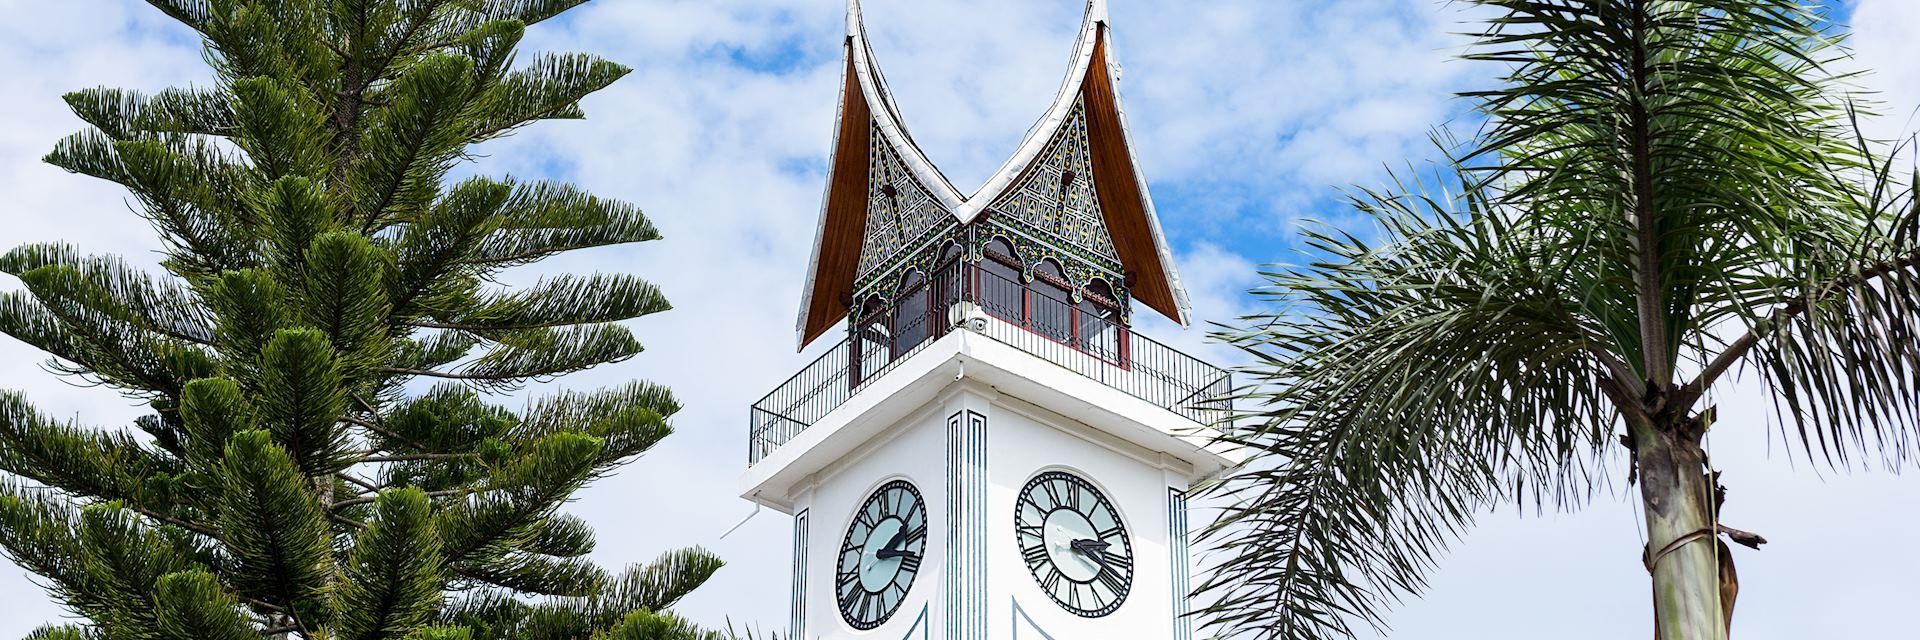 Clock tower in Bukittingi